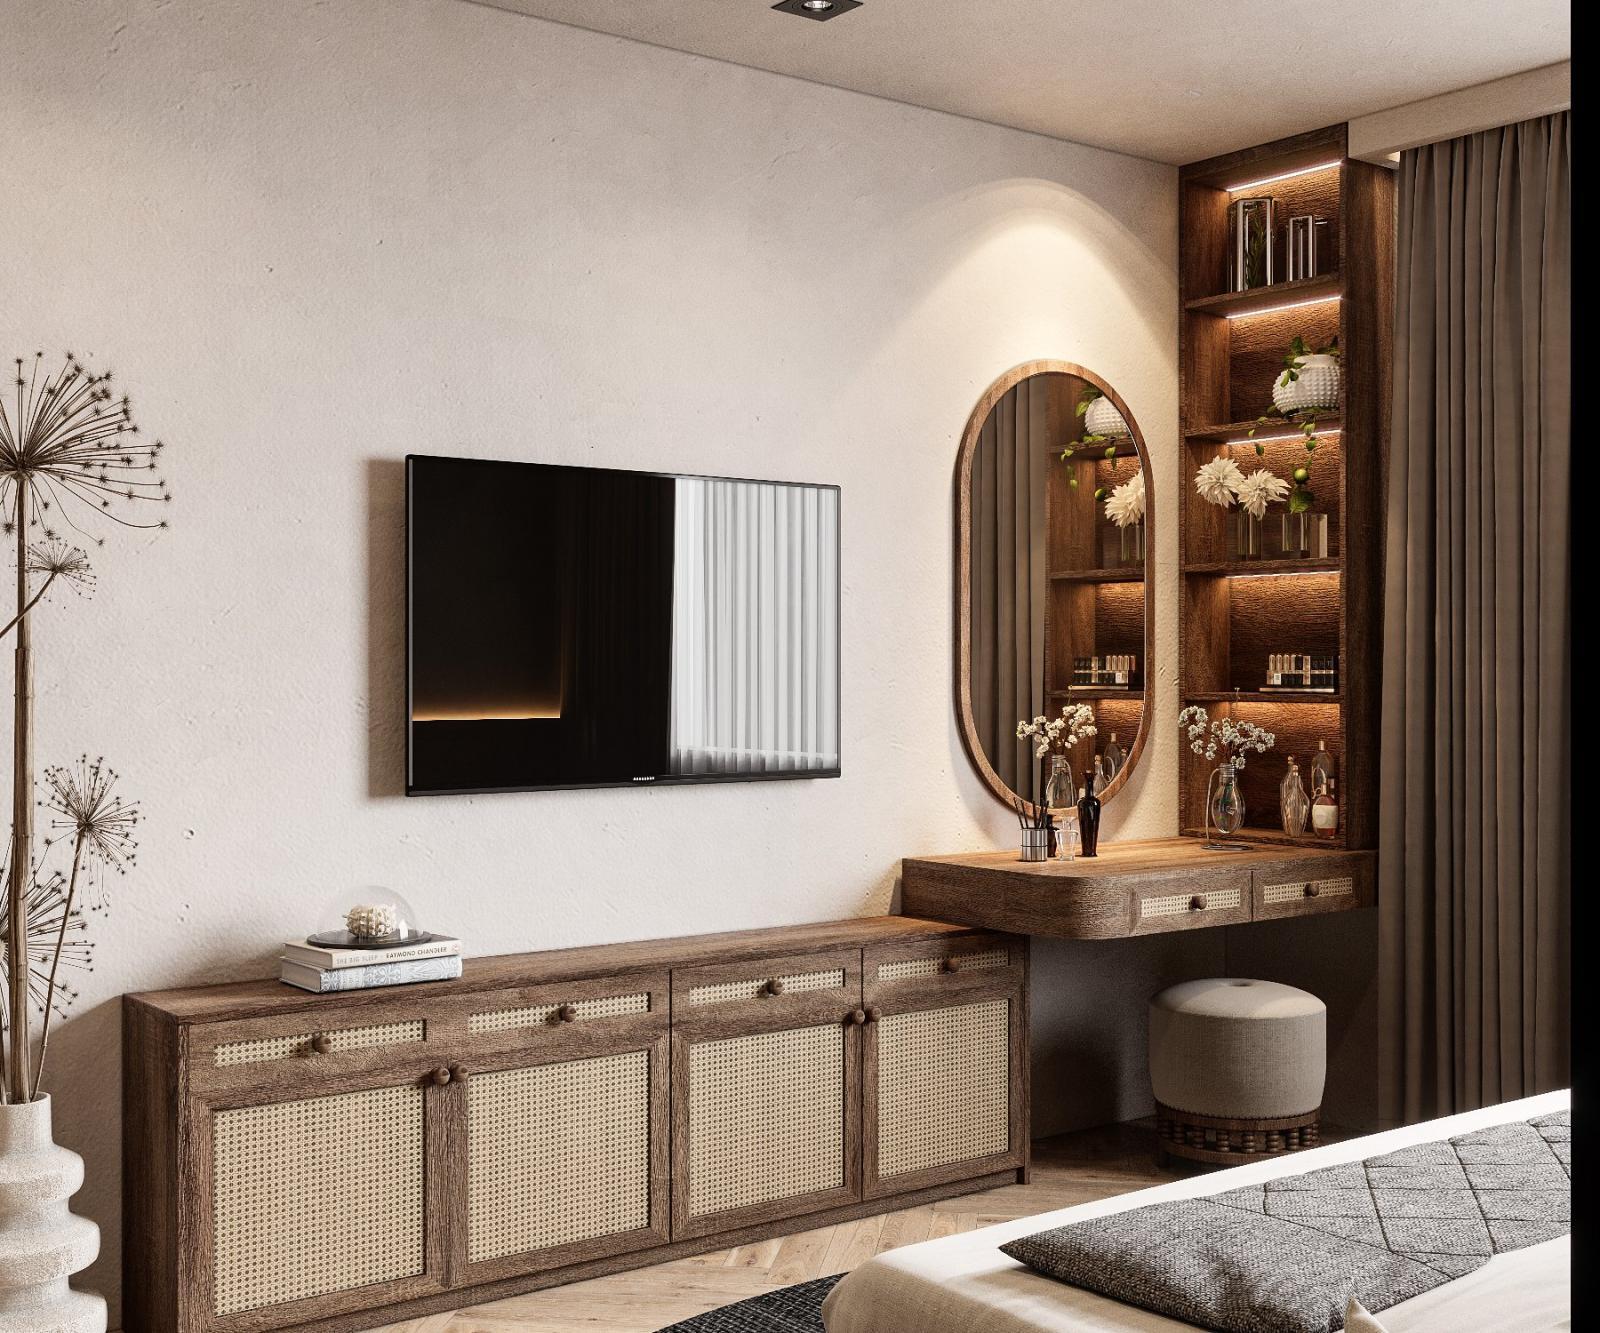 Đèn LED được lắp đặt khéo léo giúp làm nổi bật góc bàn trang điểm trong phòng ngủ lớn. Nội thất gỗ mộc kết hợp mây tre đan thủ công gợi nhớ về những ngôi nhà xưa yên bình.